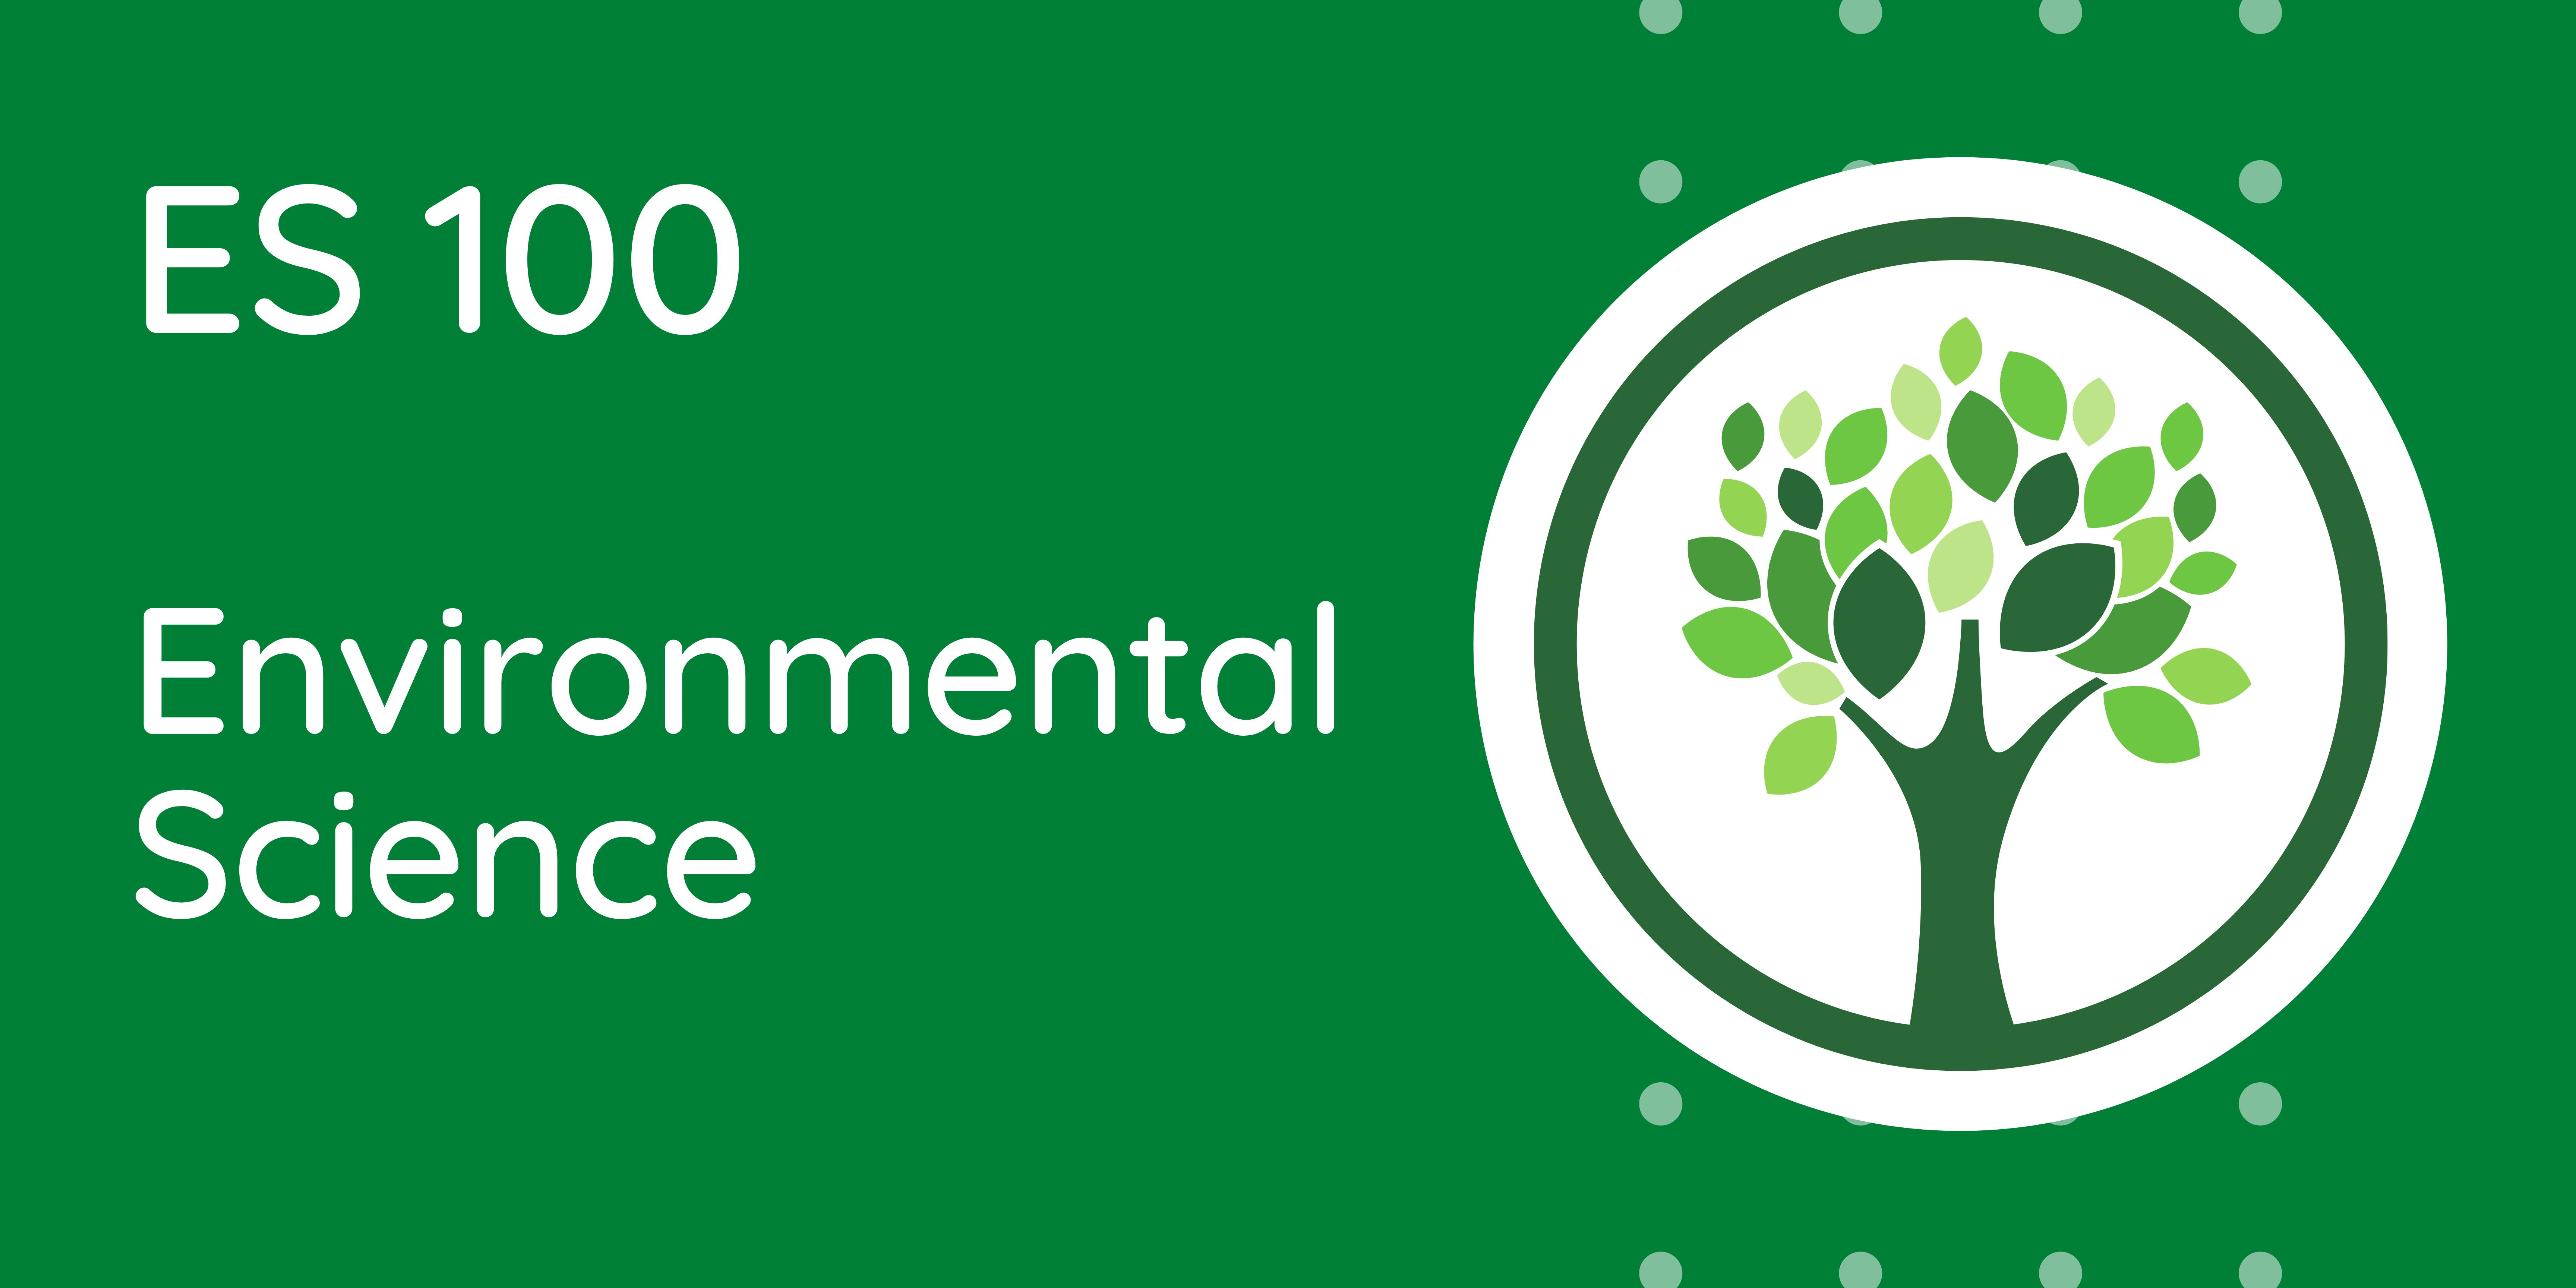 ES 100: Environmental Science